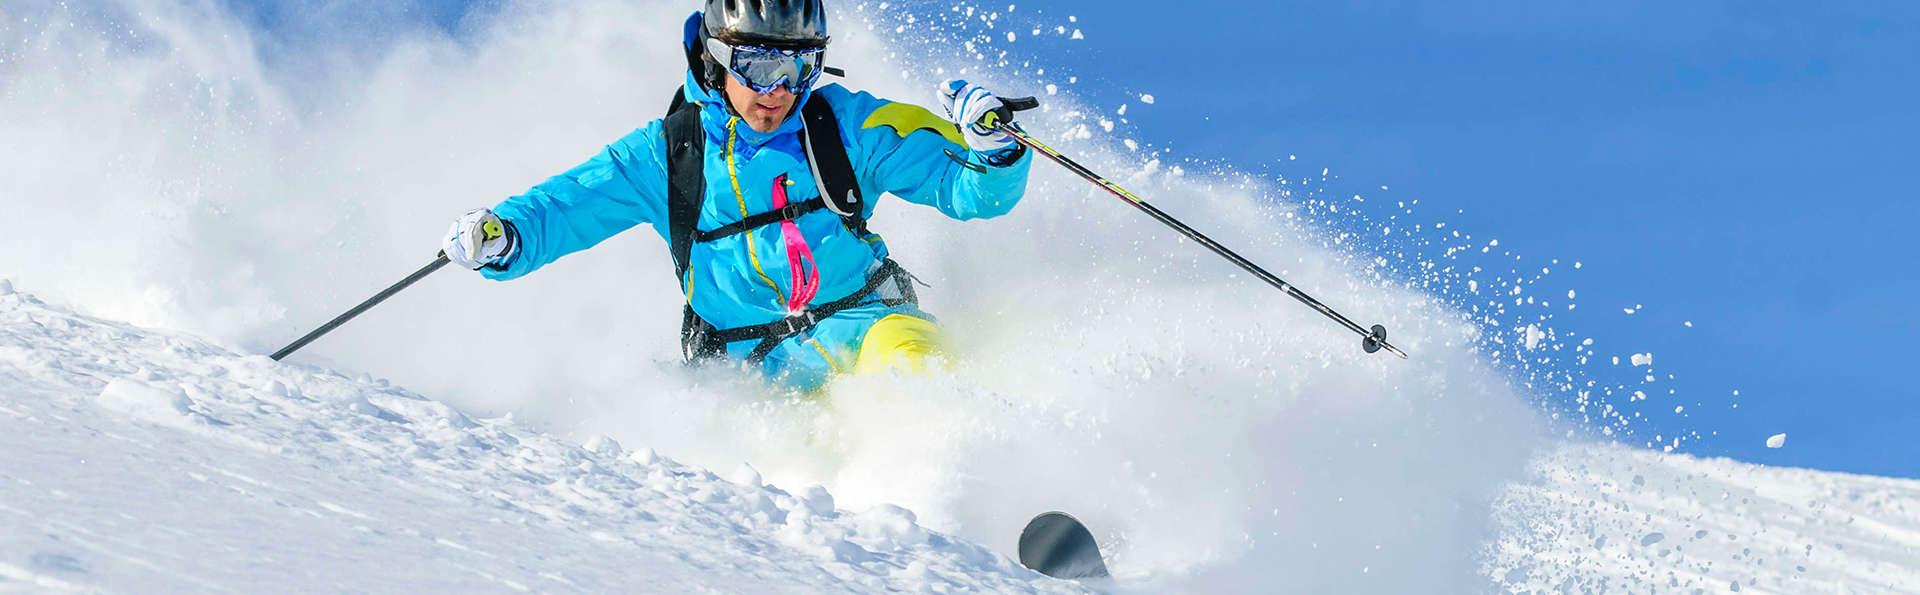 Profitez d'un séjour détente à la montagne avec forfait de ski !